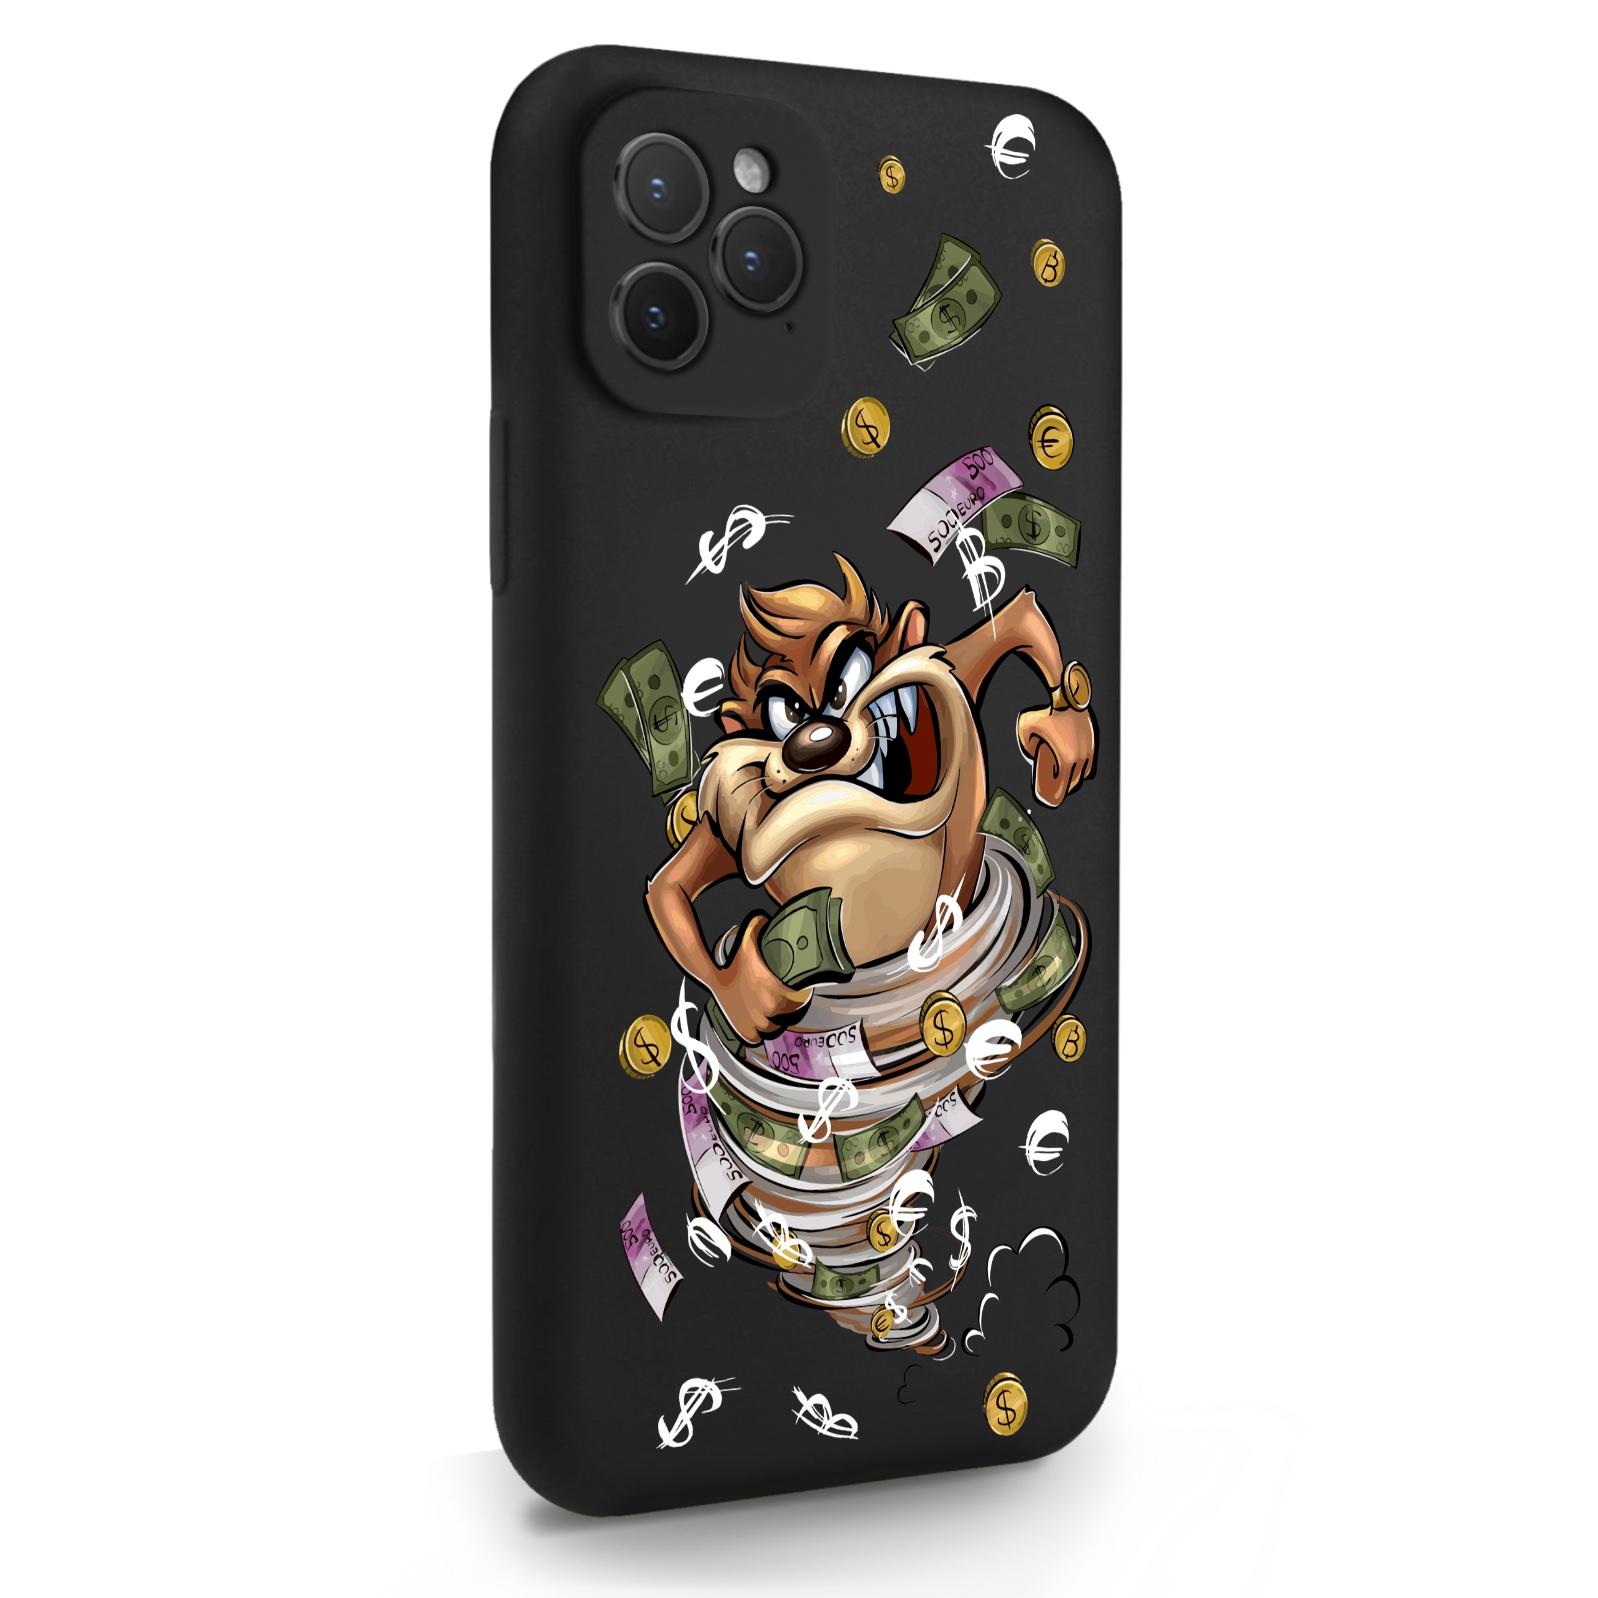 Черный силиконовый чехол для iPhone 11 Pro Торнадо для Айфон 11 Про